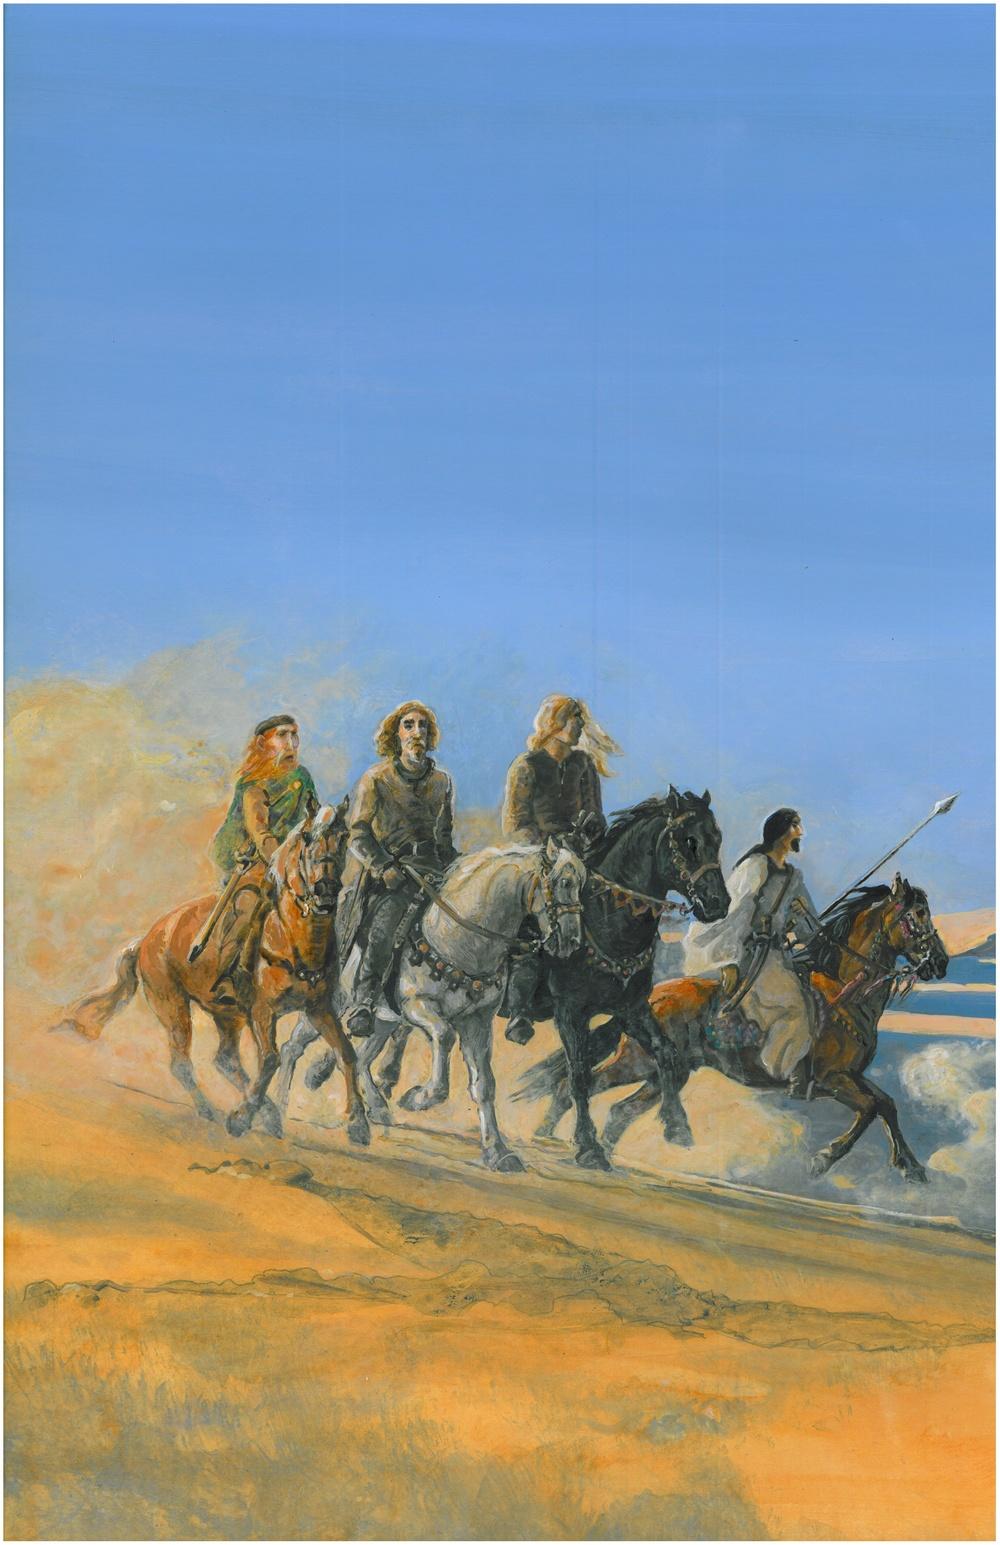 Men on horseback - illustration